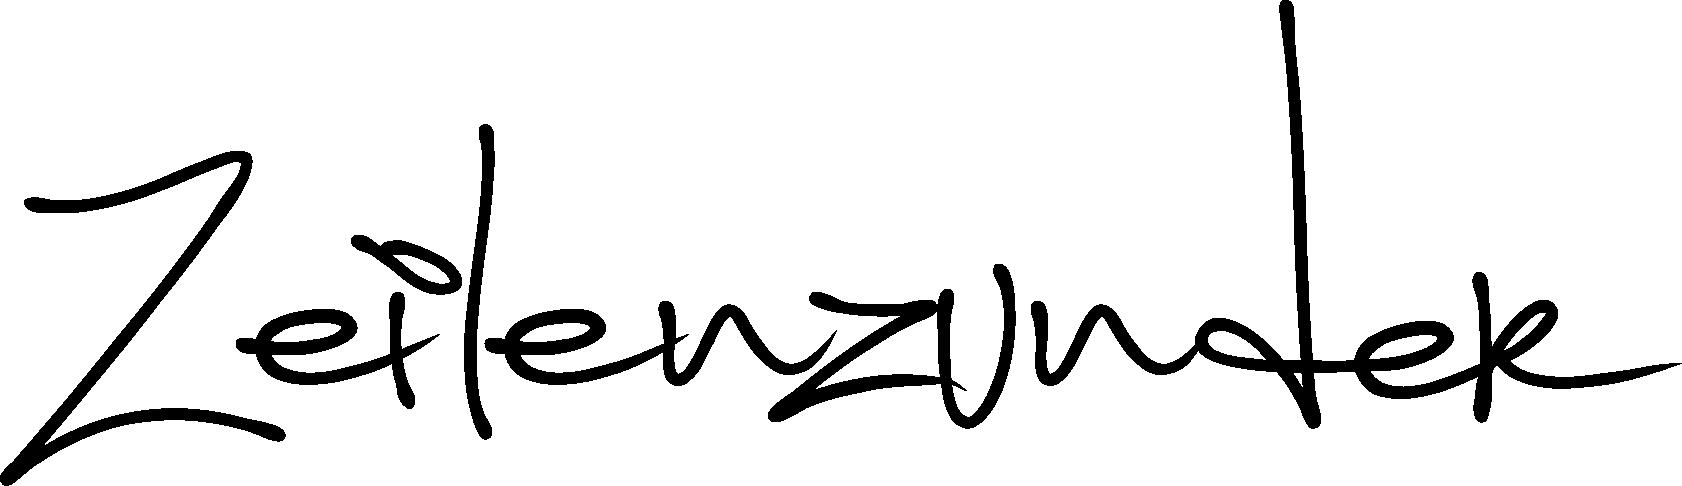 Impressum Logo Zeilenzunder